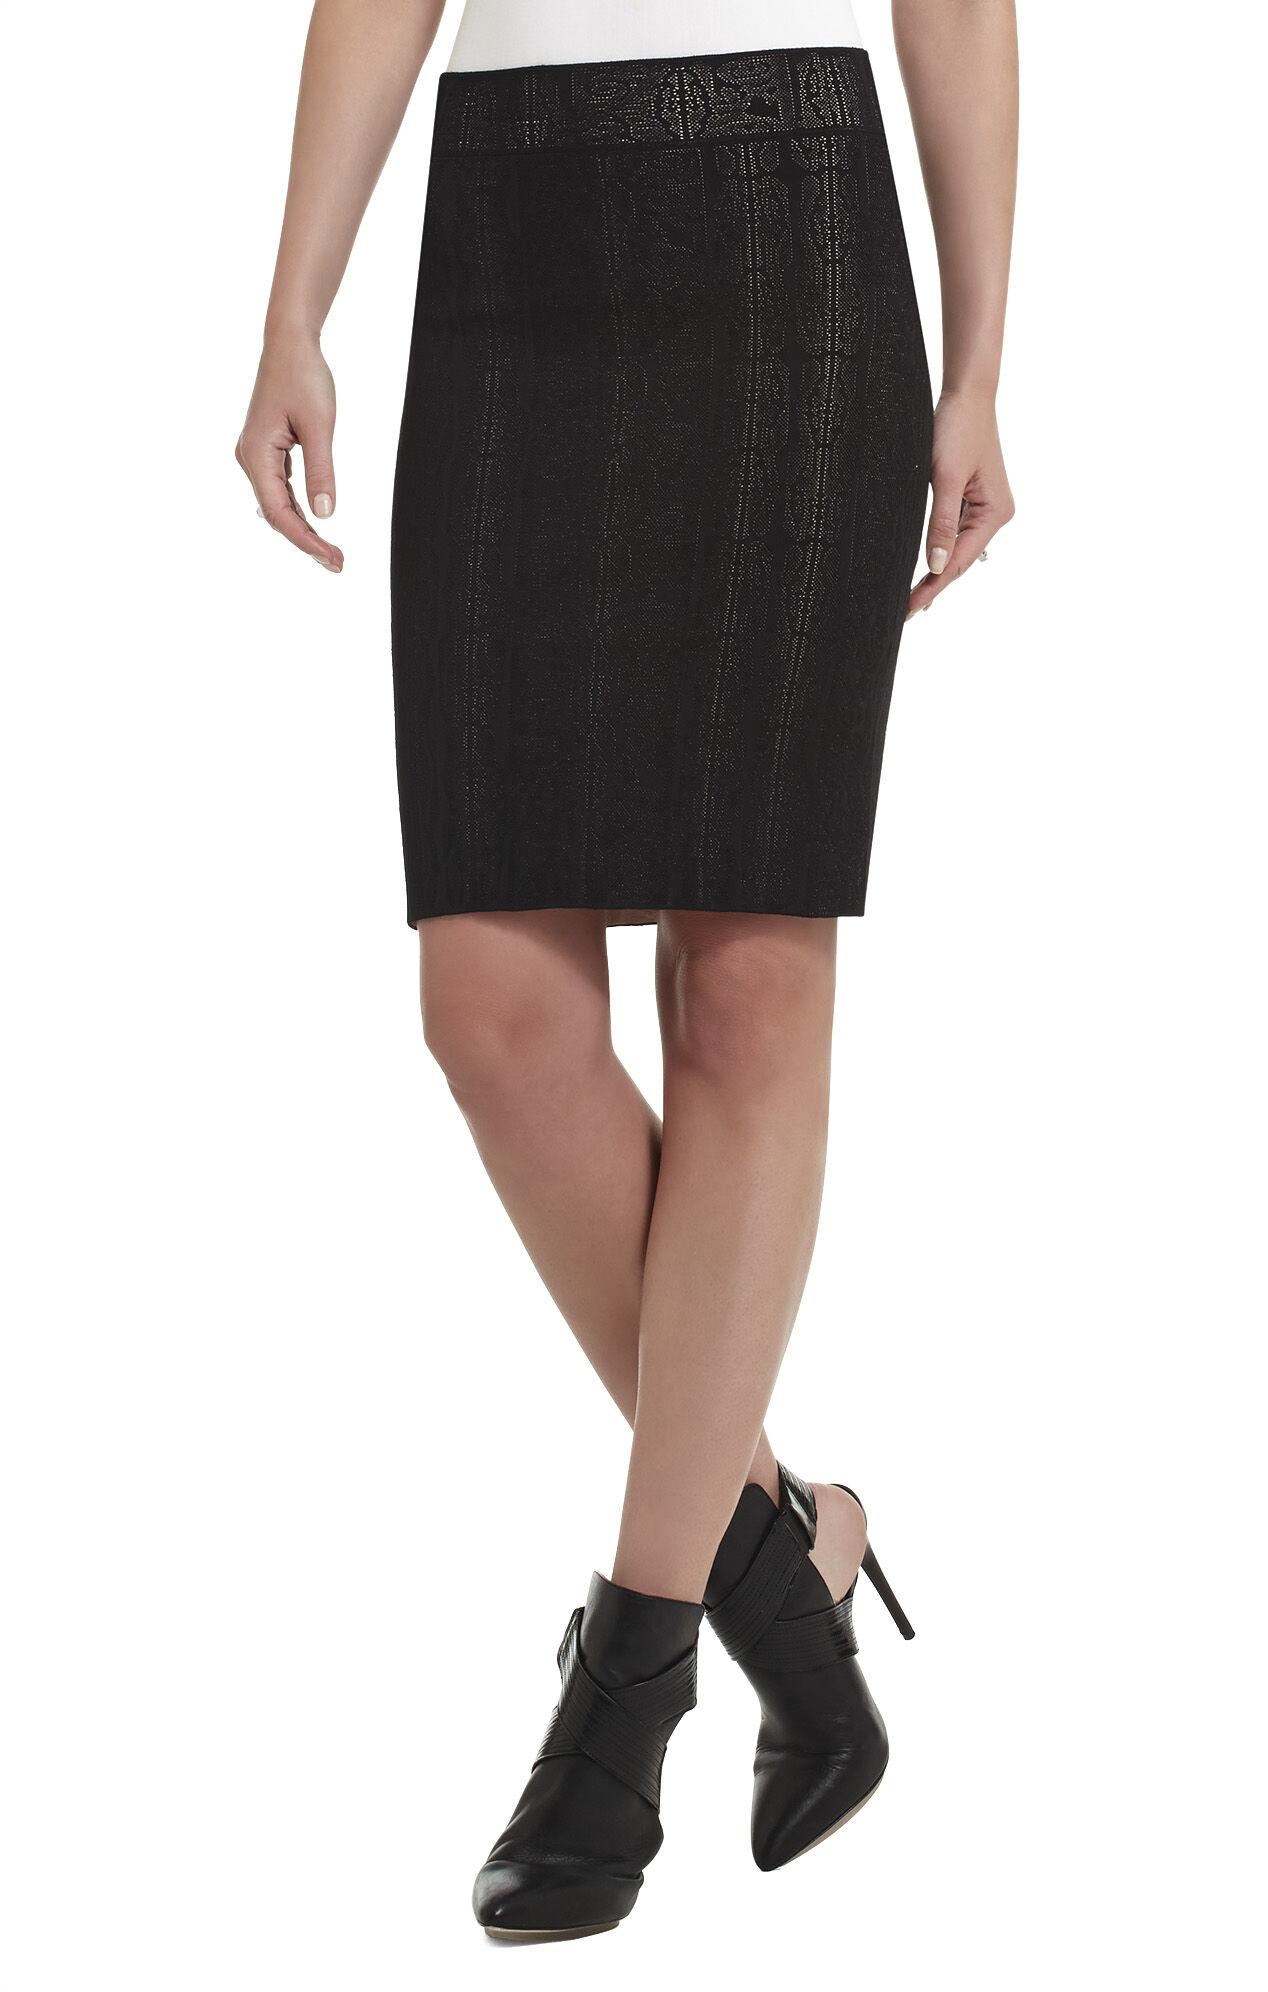 Sofia Jacquard Skirt